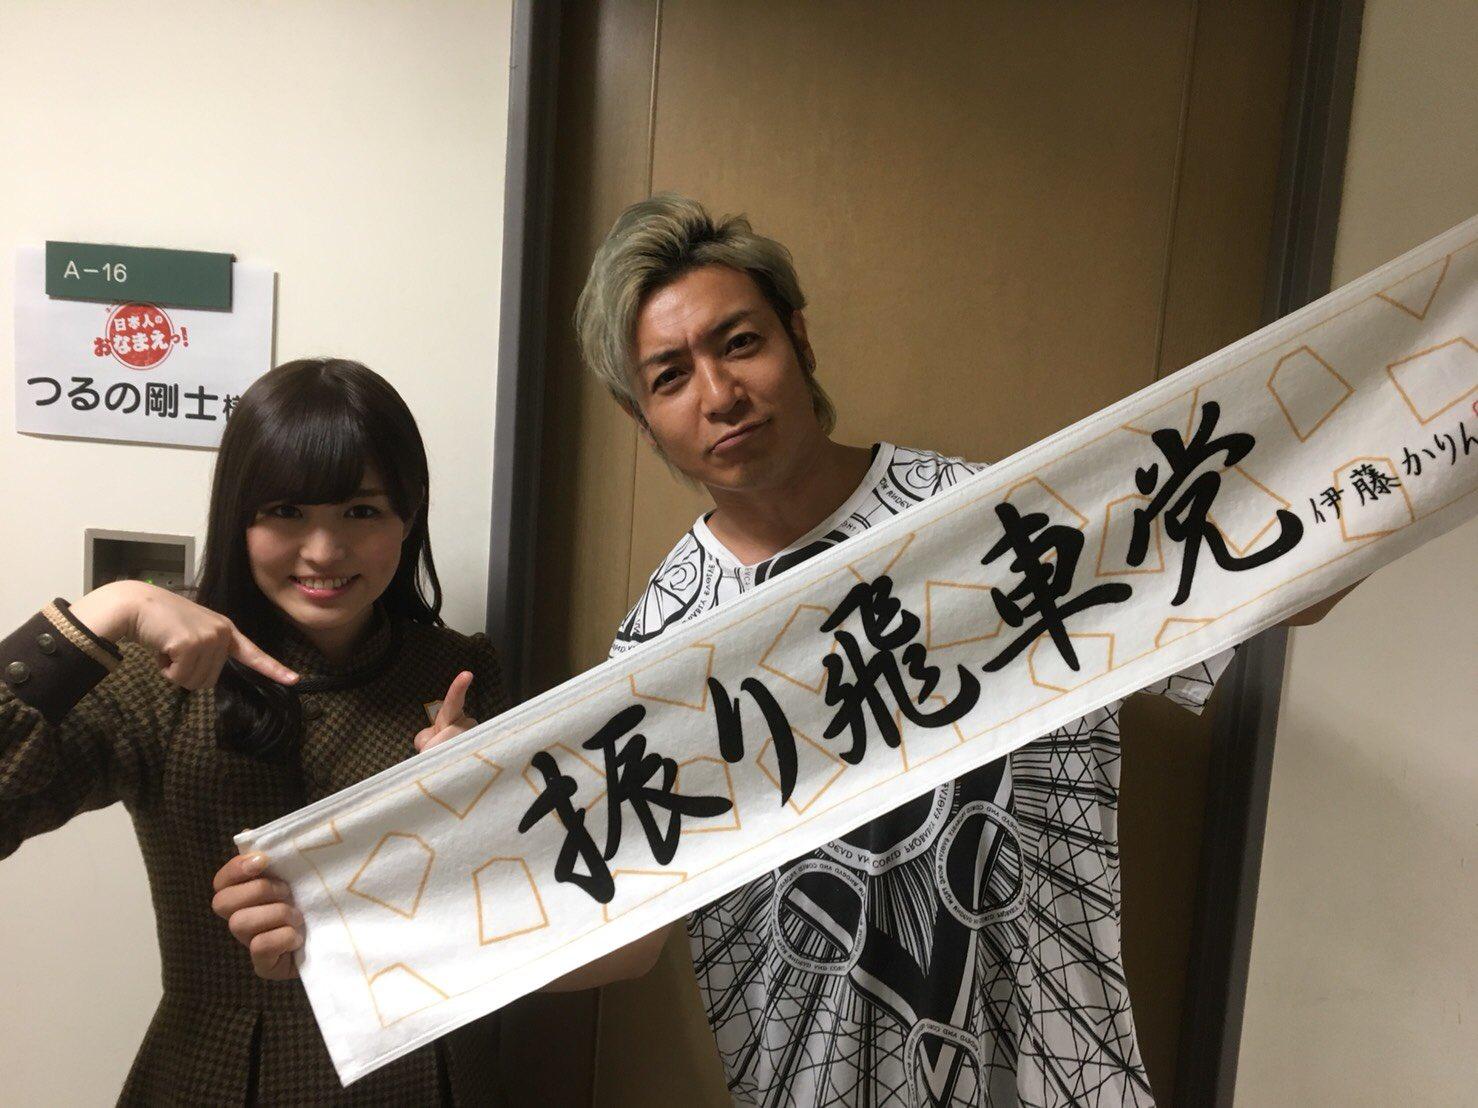 伊藤かりん 日本人のおなまえっ!